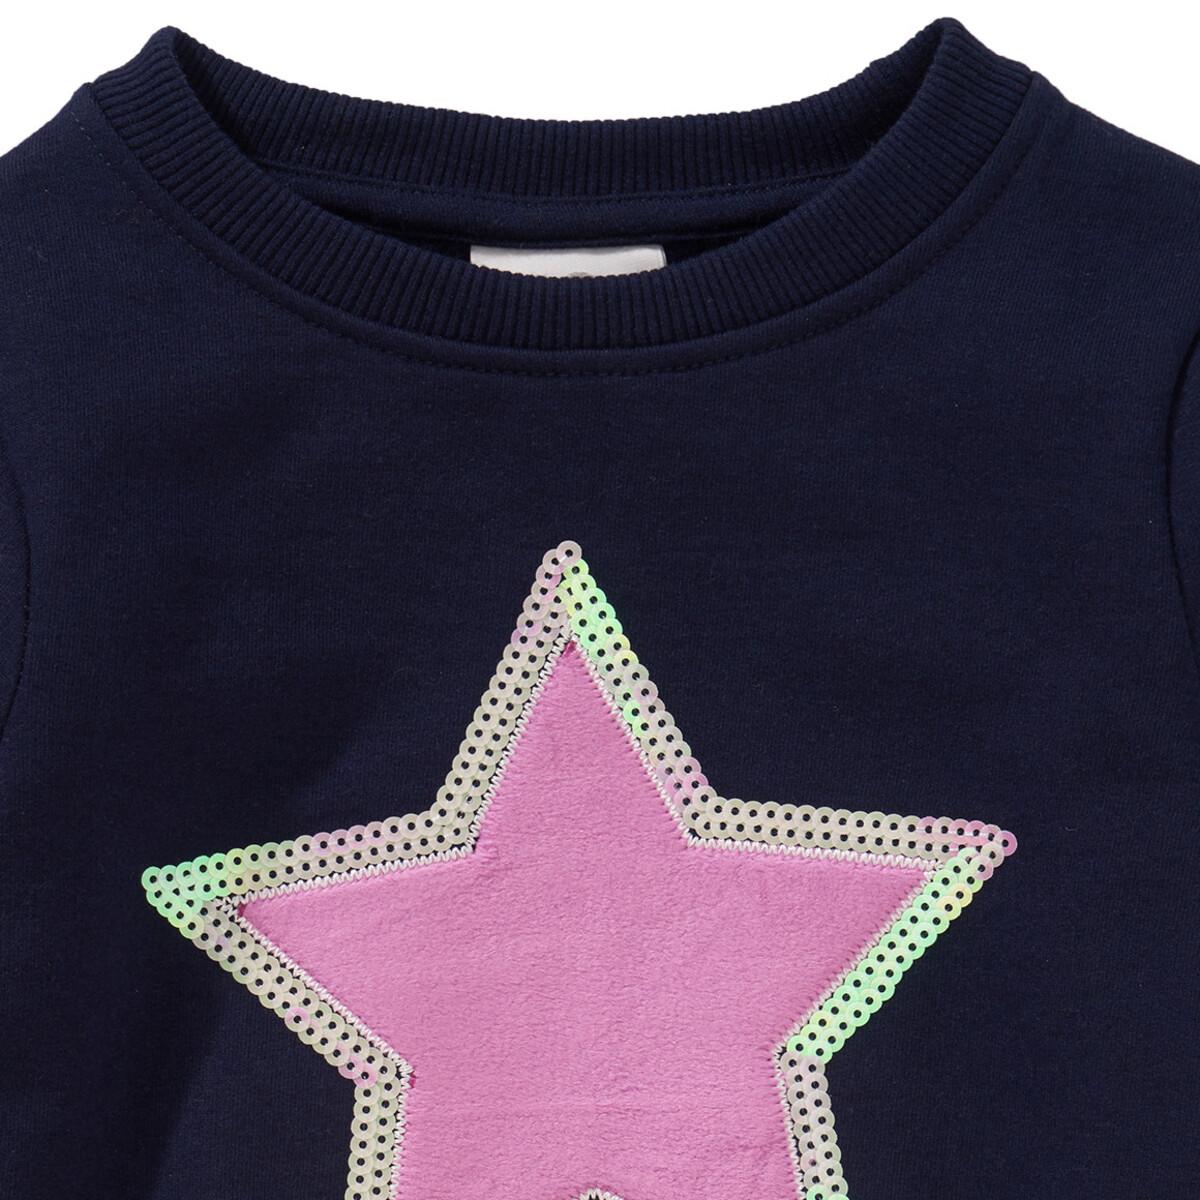 Bild 2 von Mädchen Sweatshirt mit Plüsch-Applikation